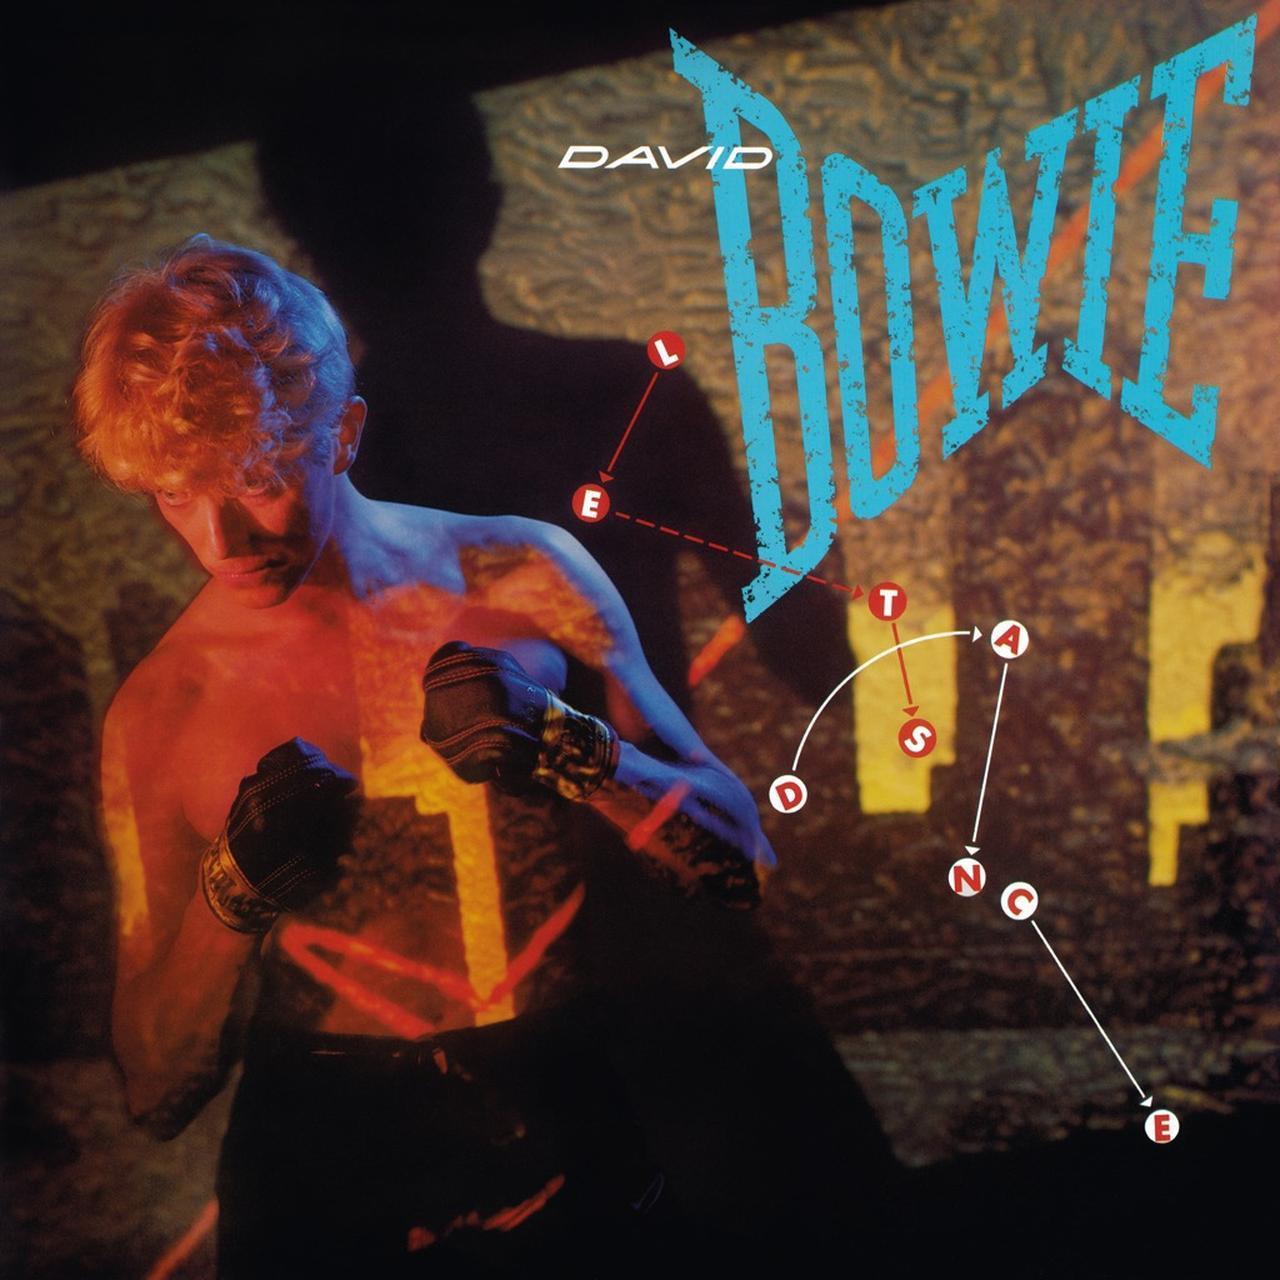 画像1: Let's Dance (2018 Remastered Version) / David Bowie